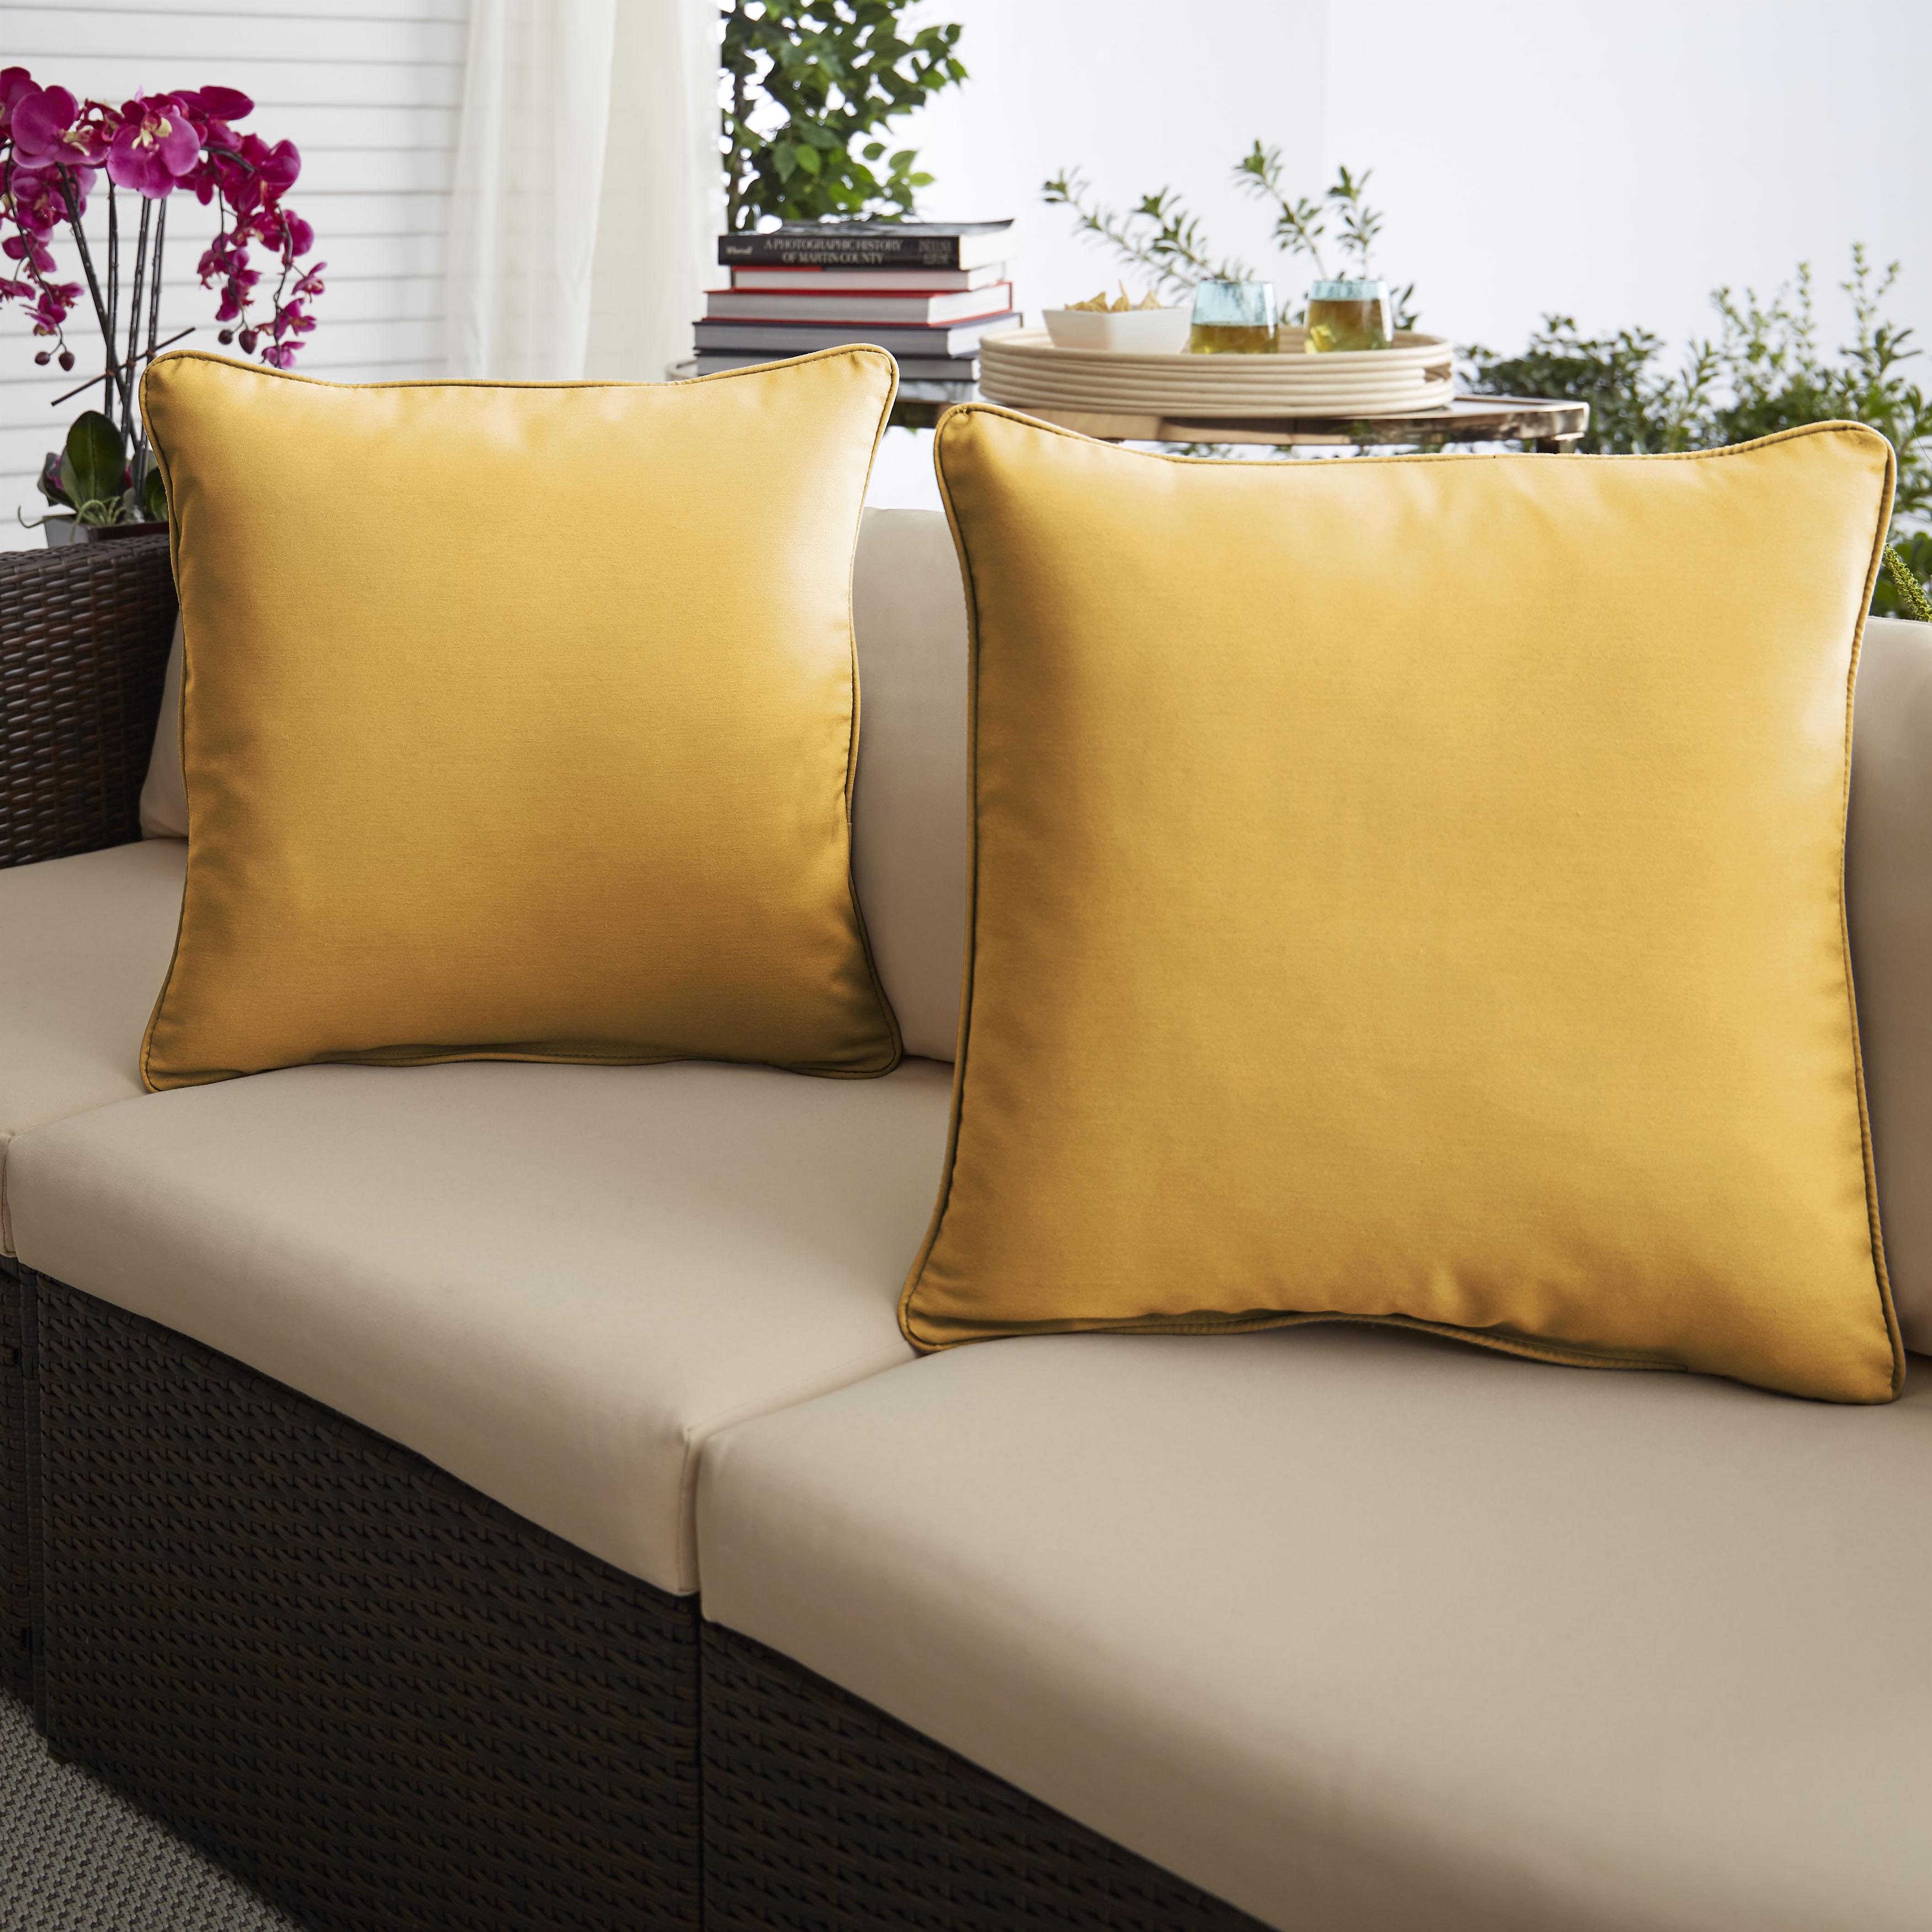 Sunbrella Sunflower Yellow Set of 2 Outdoor Pillows